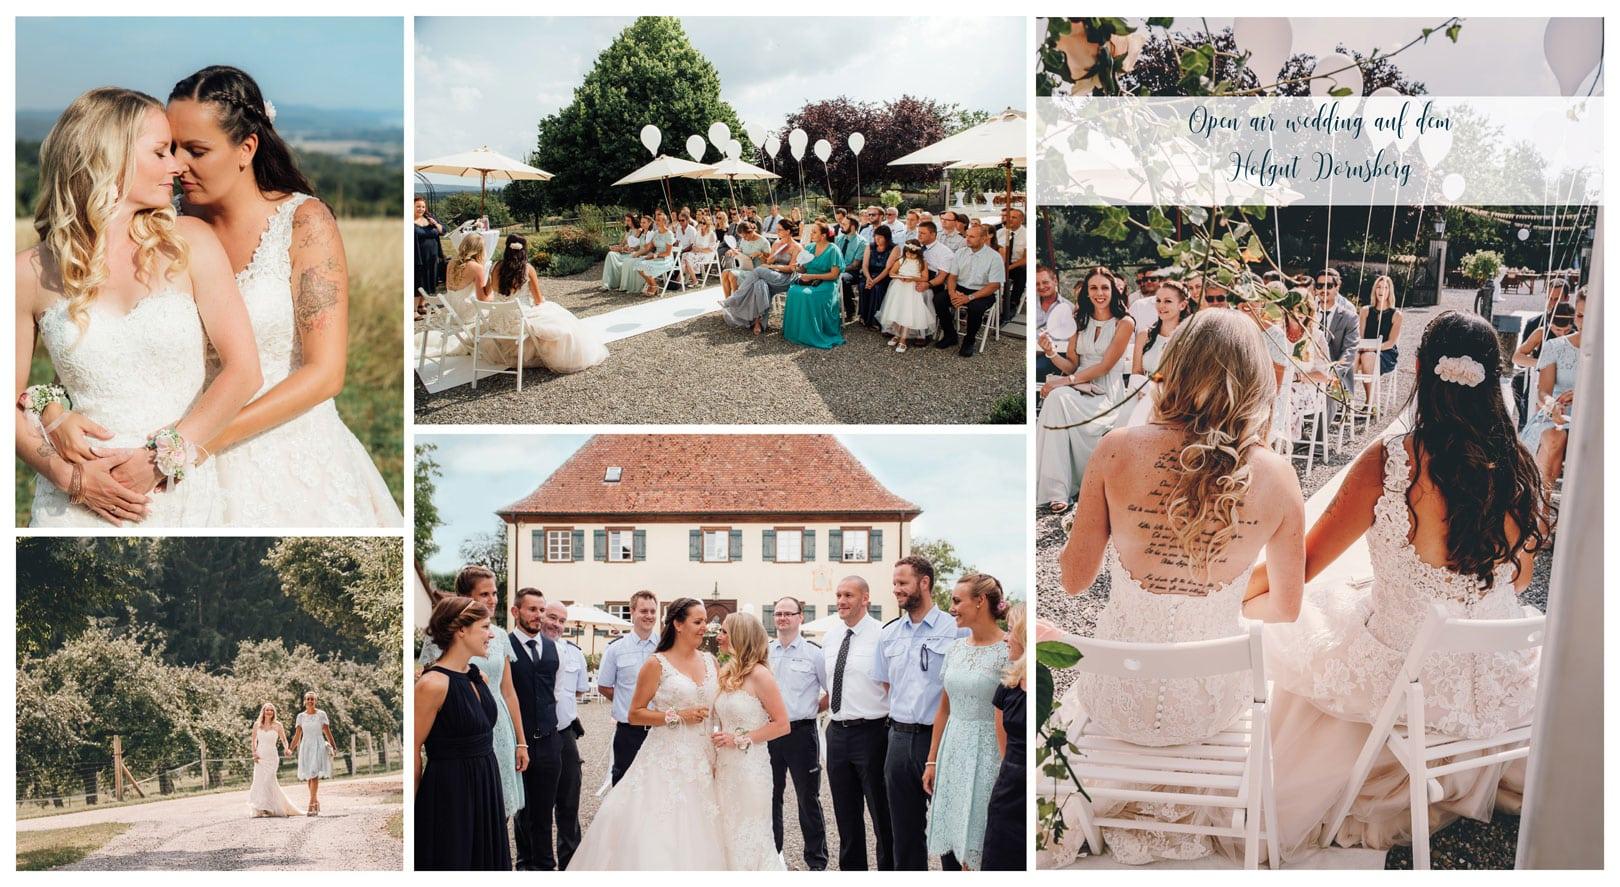 Collage aus Bildern einer gleichgeschlechtlichen Hochzeit auf dem Hofgut Dornsberg, an welchem unsere Wedding Planner von Rockwedding das Brautpaar mit der Dekoration unterstützen durften.